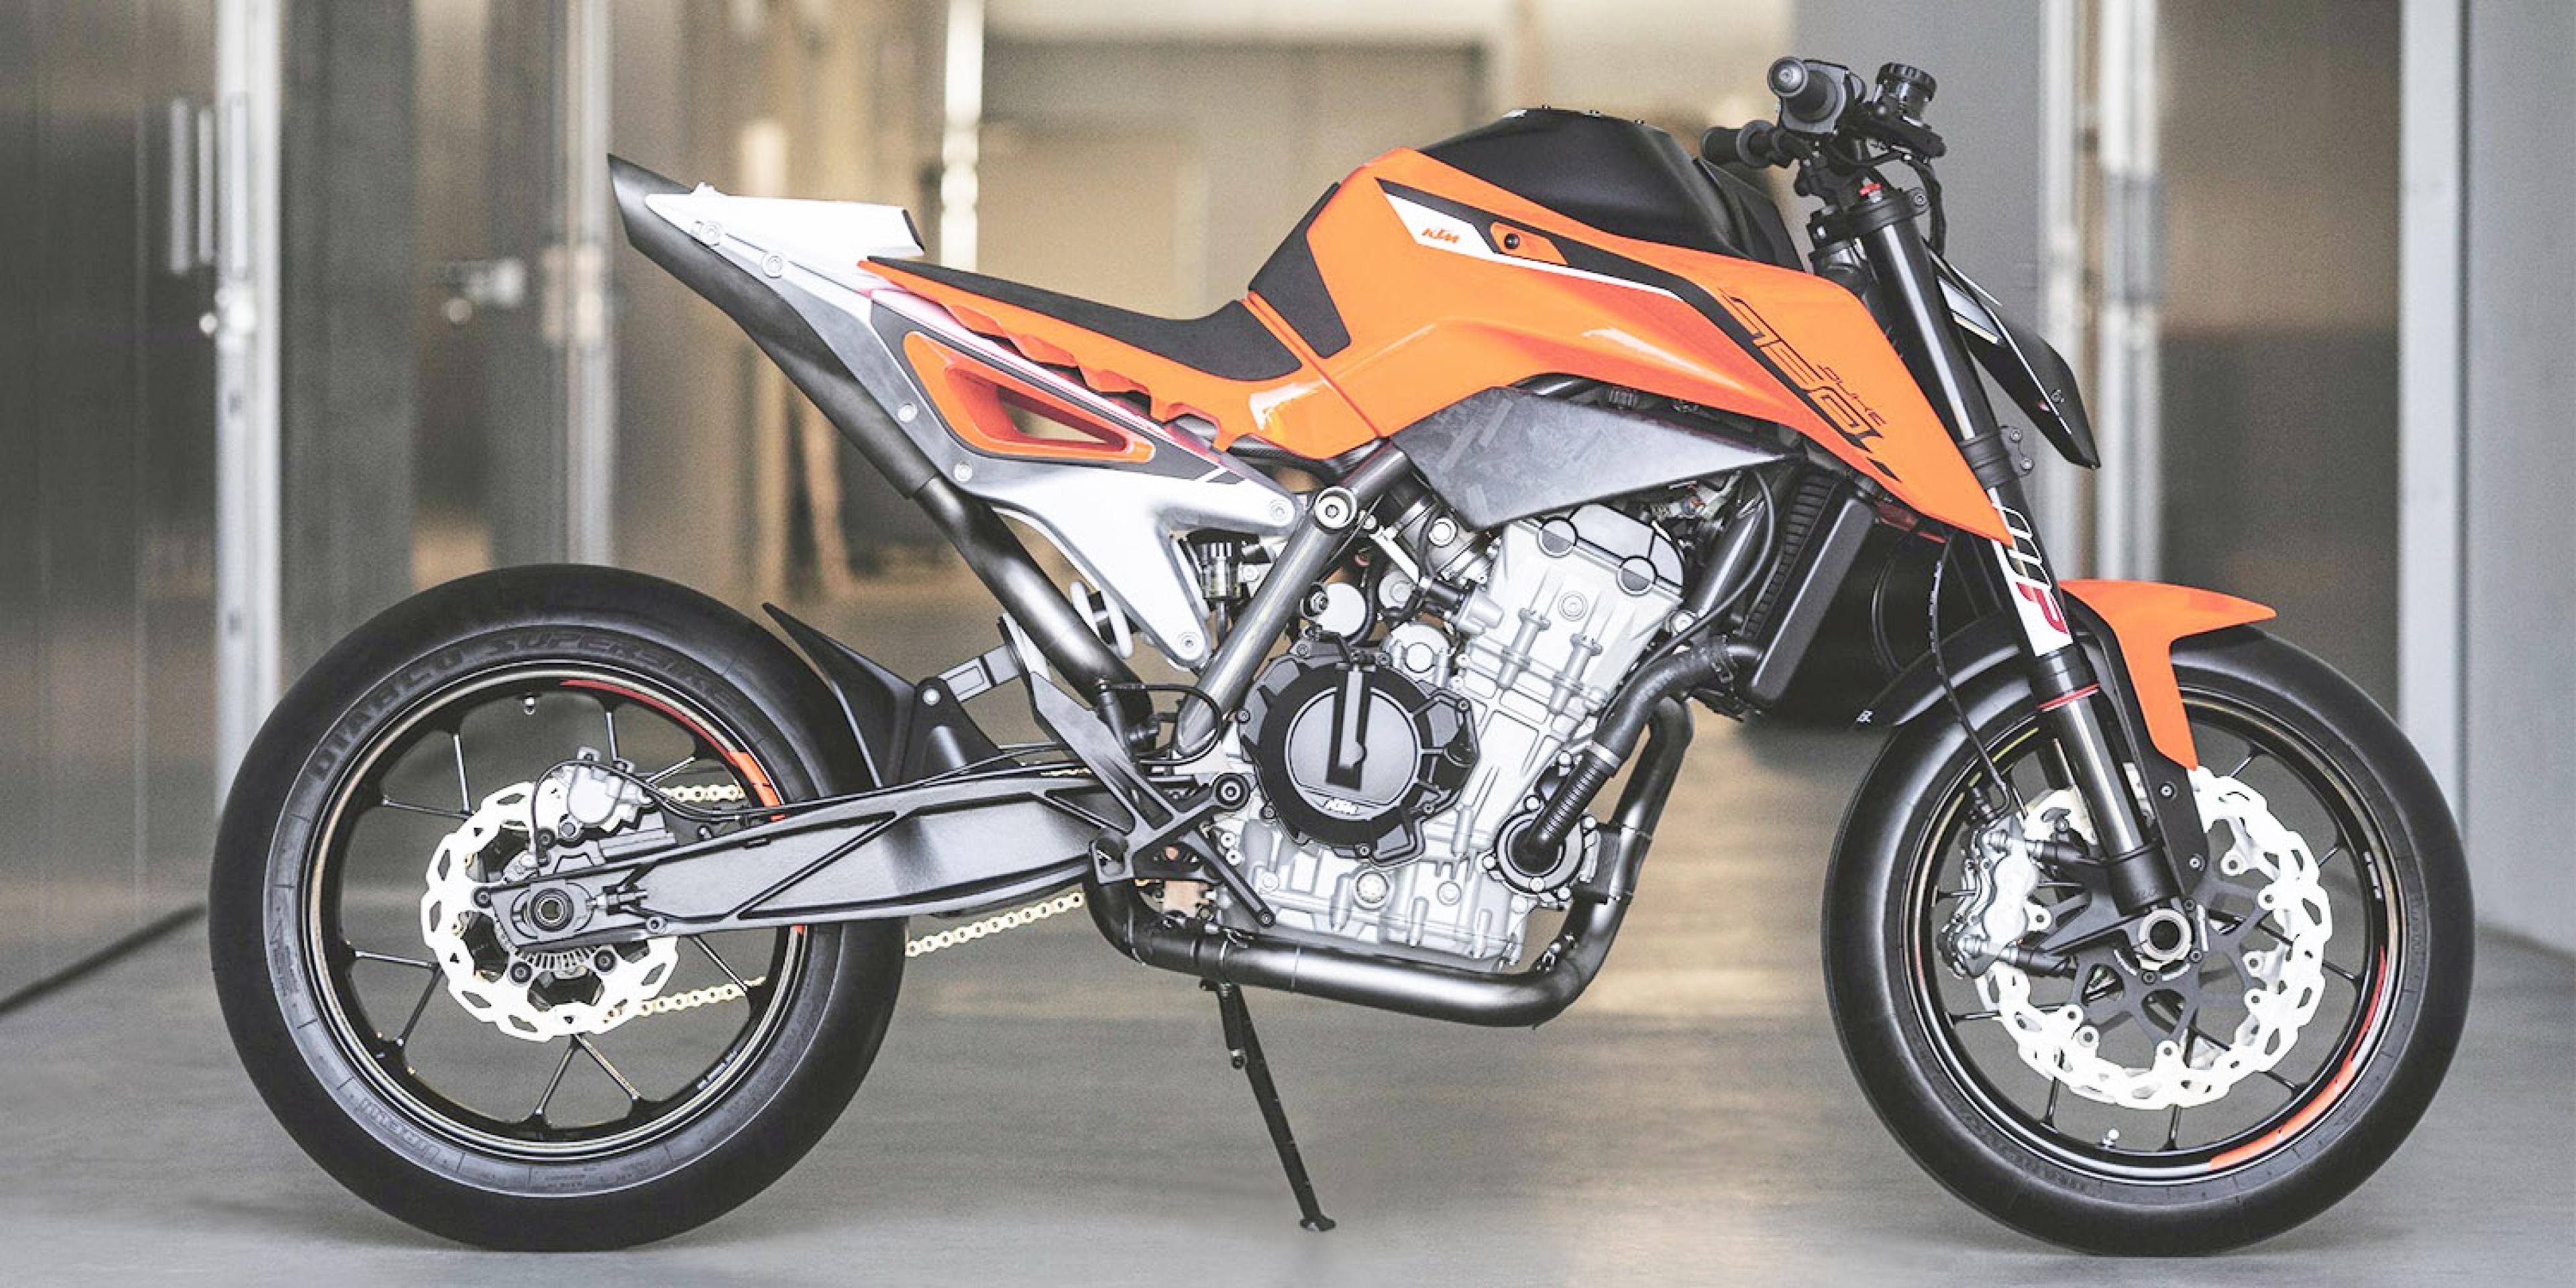 米蘭車展。德奧混血新世代猛虎KTM 790 DUKE Prototype